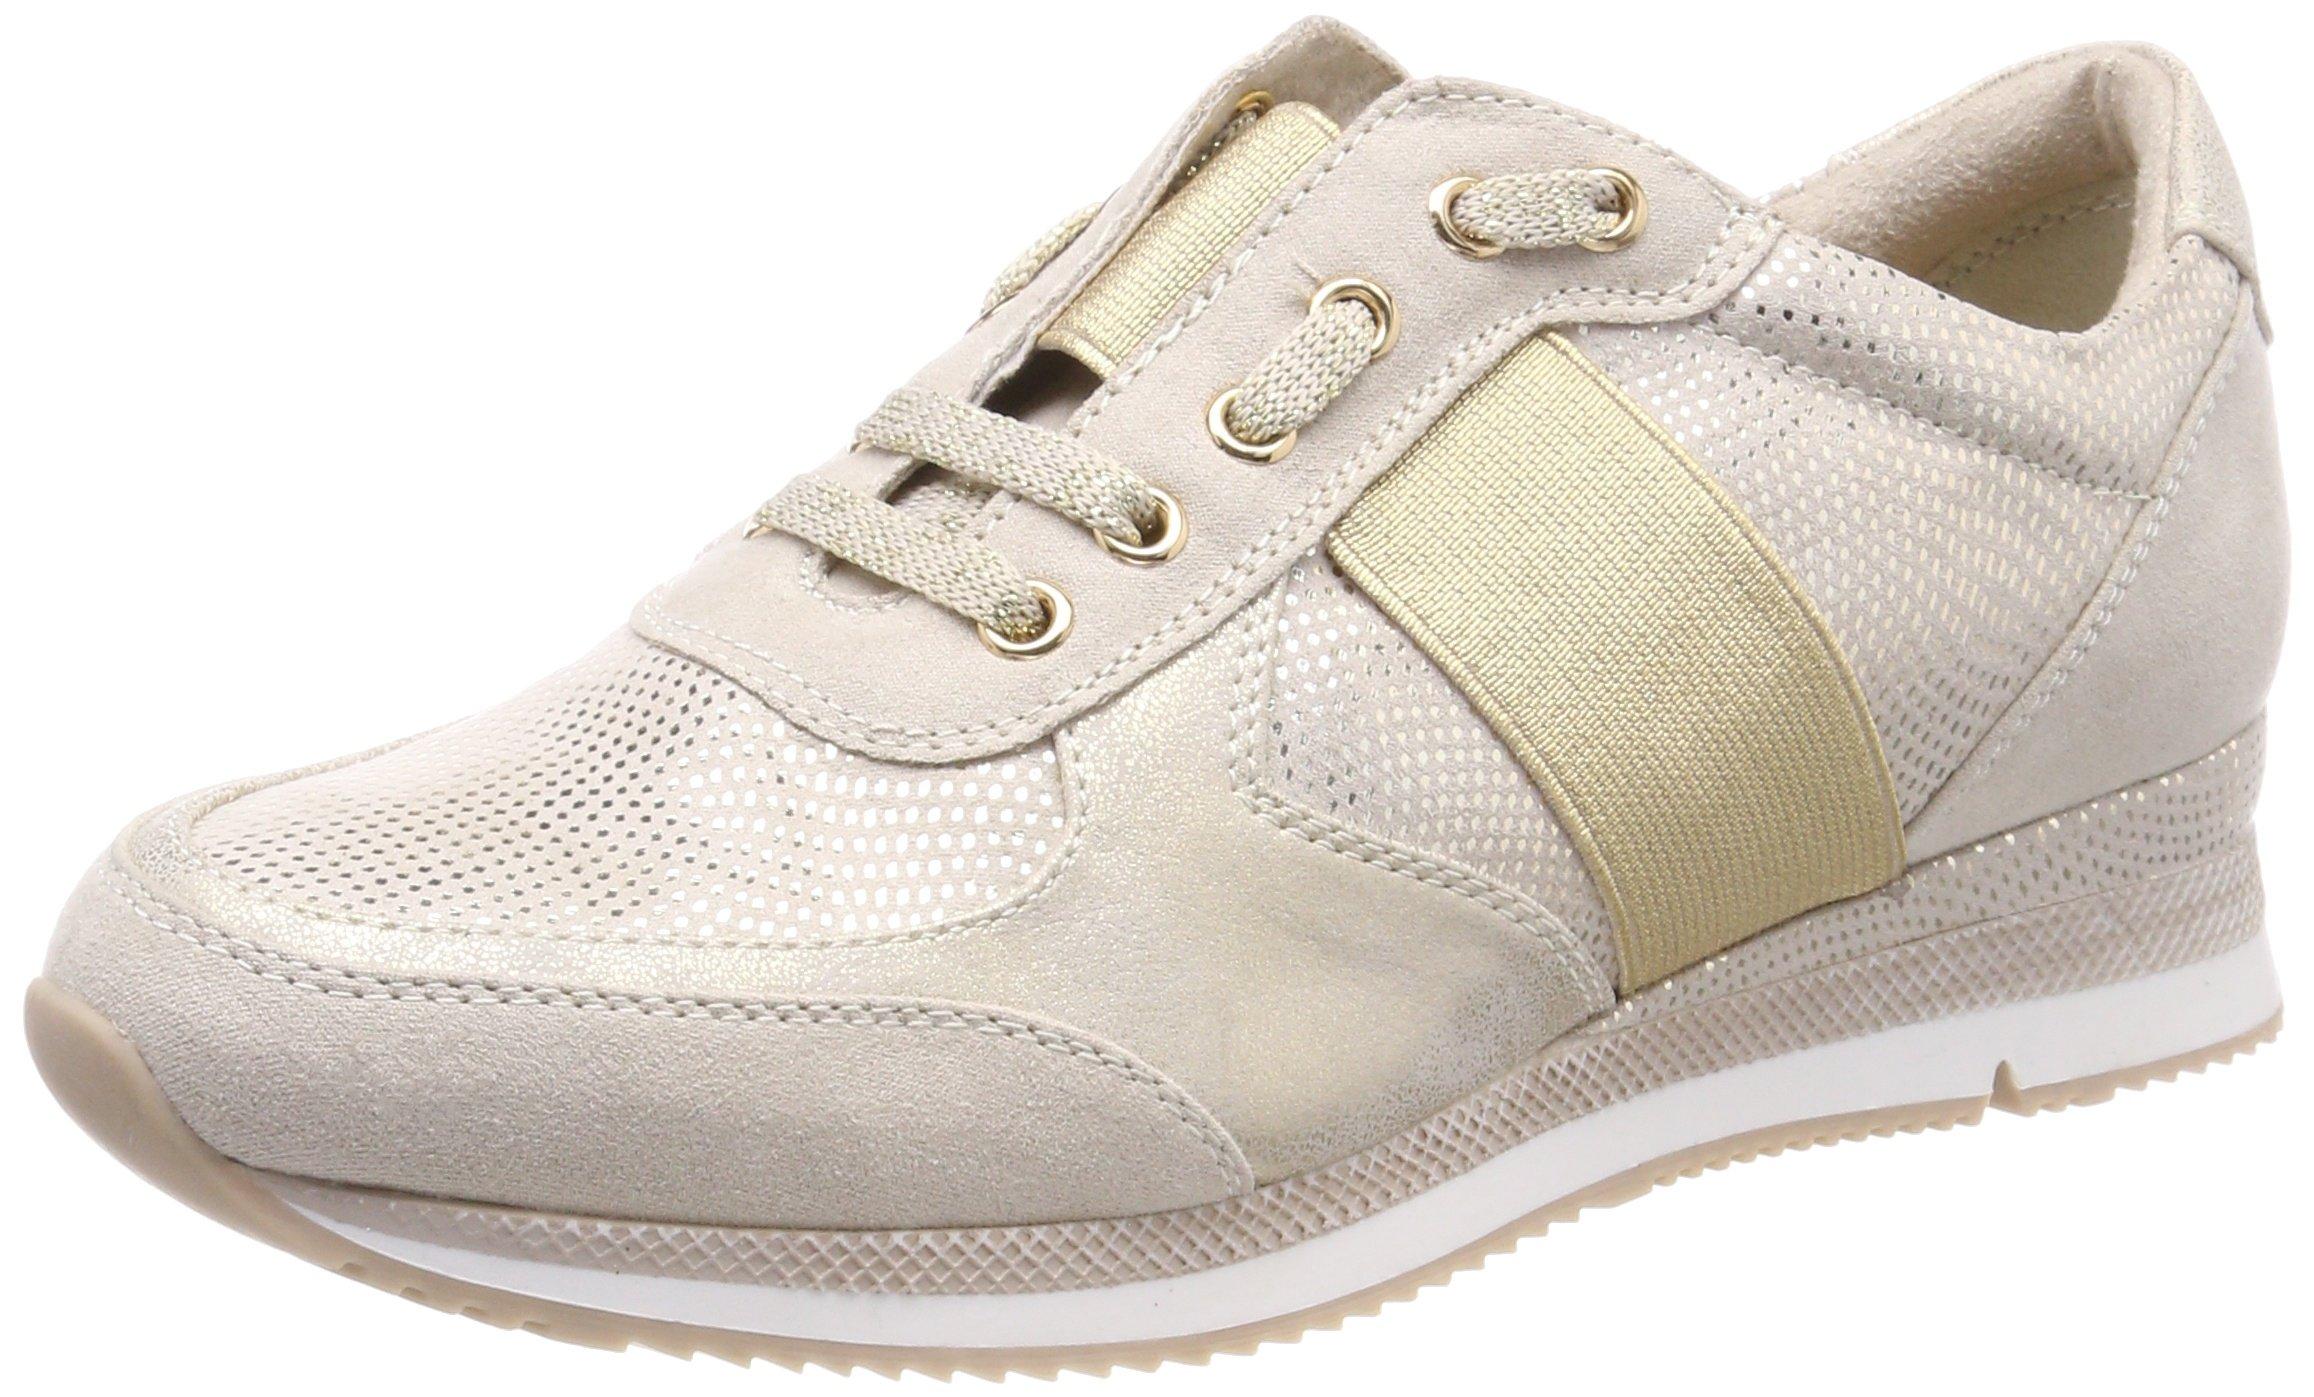 Comb38 Marco FemmeBeigedune Tozzi 23711Sneakers Basses Eu vmN08wyOn